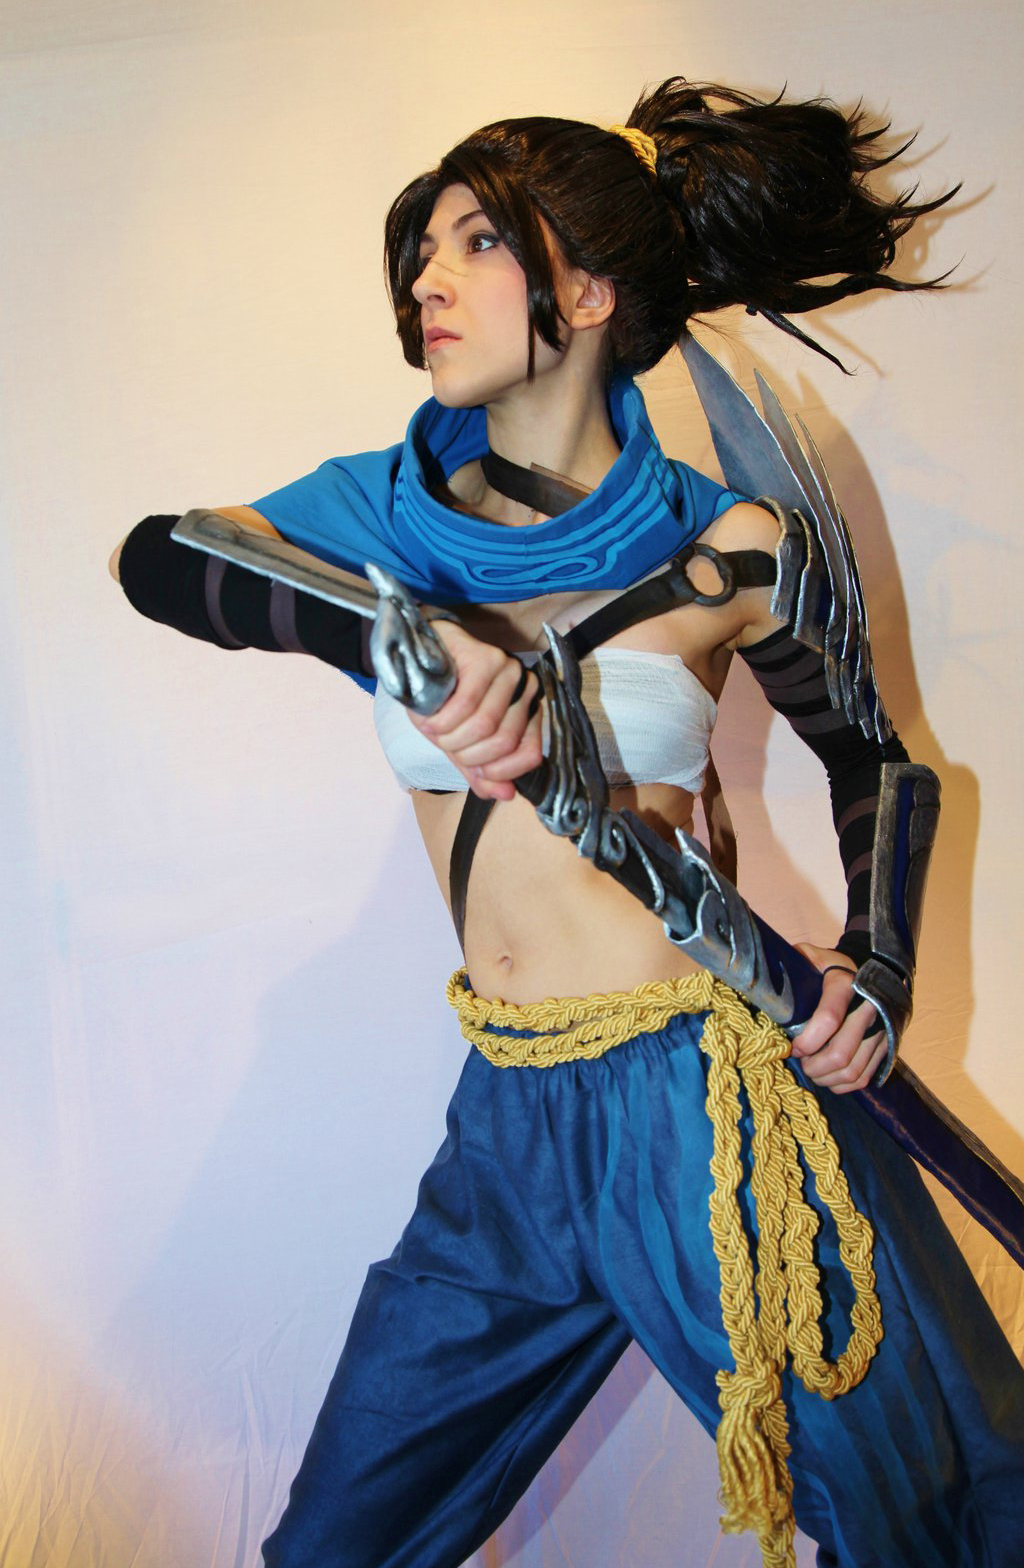 Ngắm cosplay Yasuo phiên bản nữ cực quyến rũ - Ảnh 7